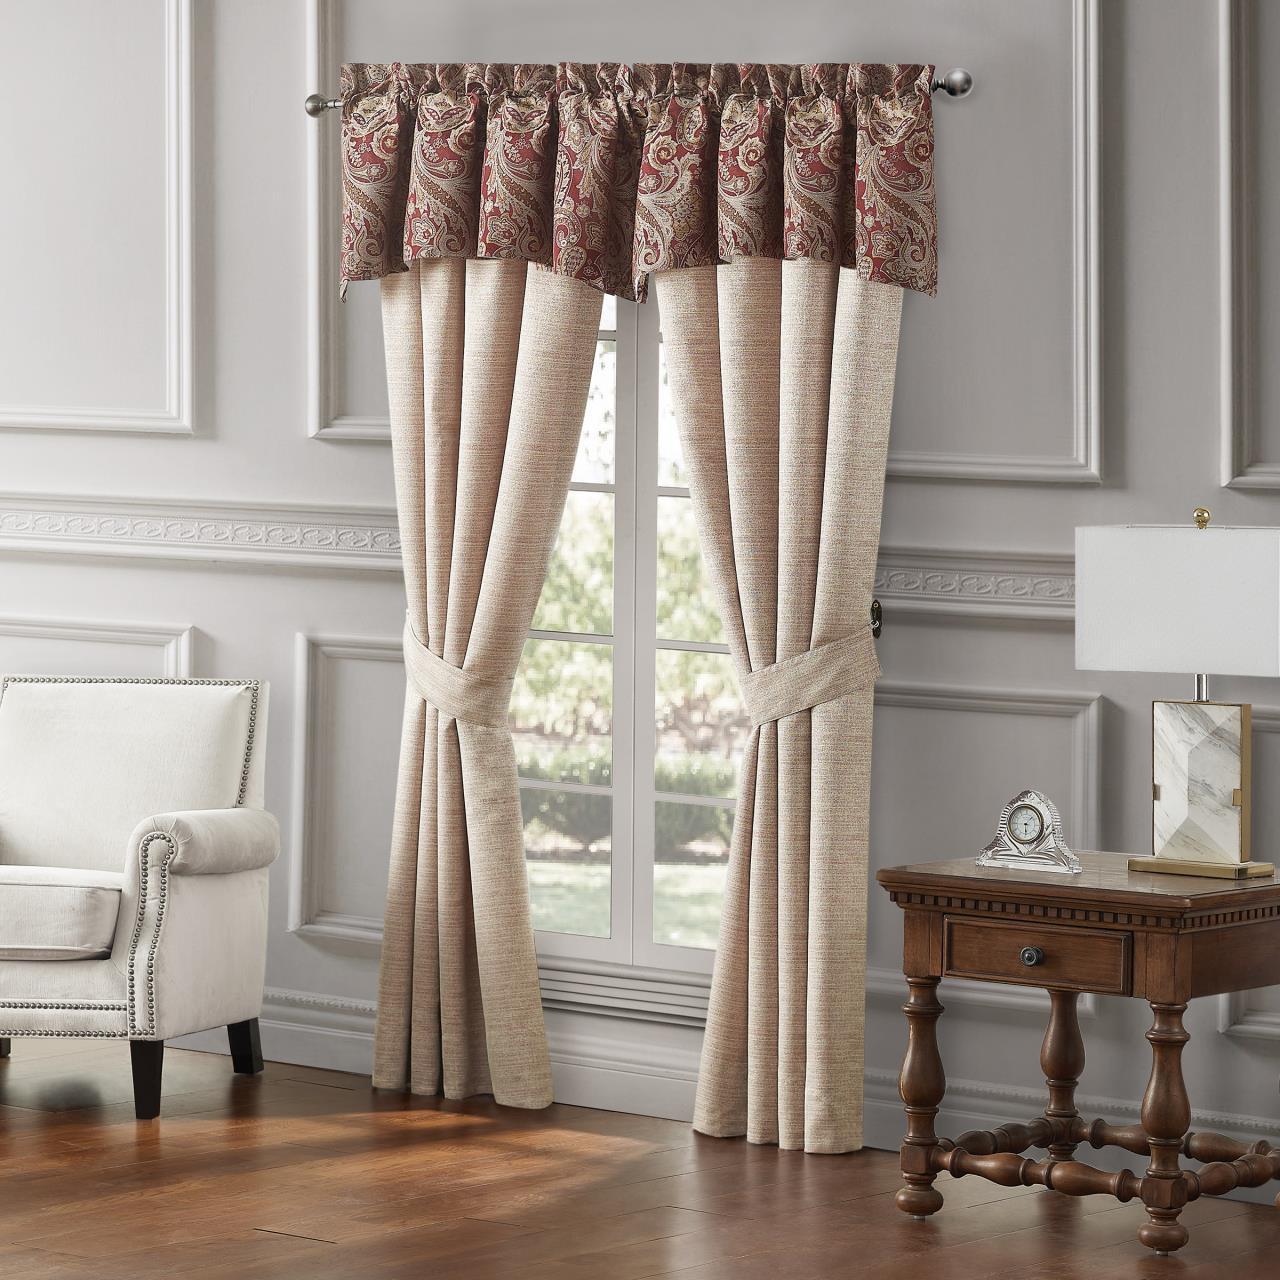 Danehill Red Curtain Pair - 038992940240